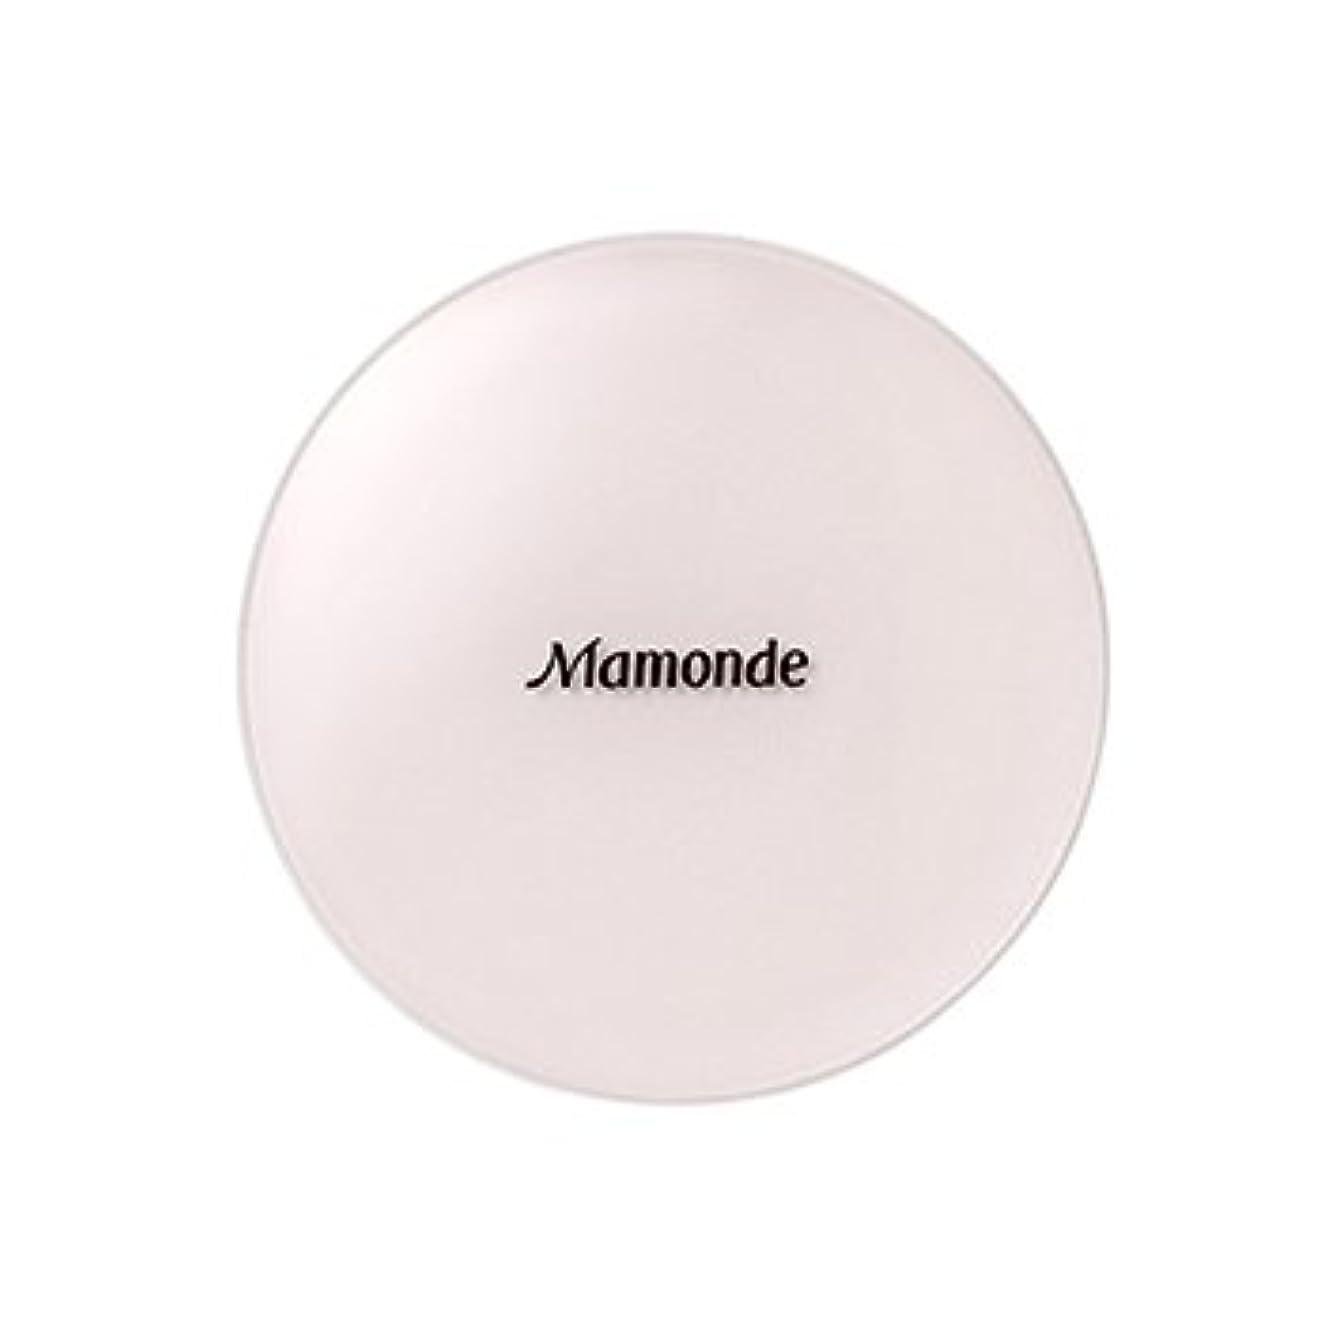 極地ベルベット回転する[New] Mamonde Brightening Cover Ampoule Cushion 15g/マモンド ブライトニング カバー アンプル クッション 15g (#21C Medium Peach) [並行輸入品]